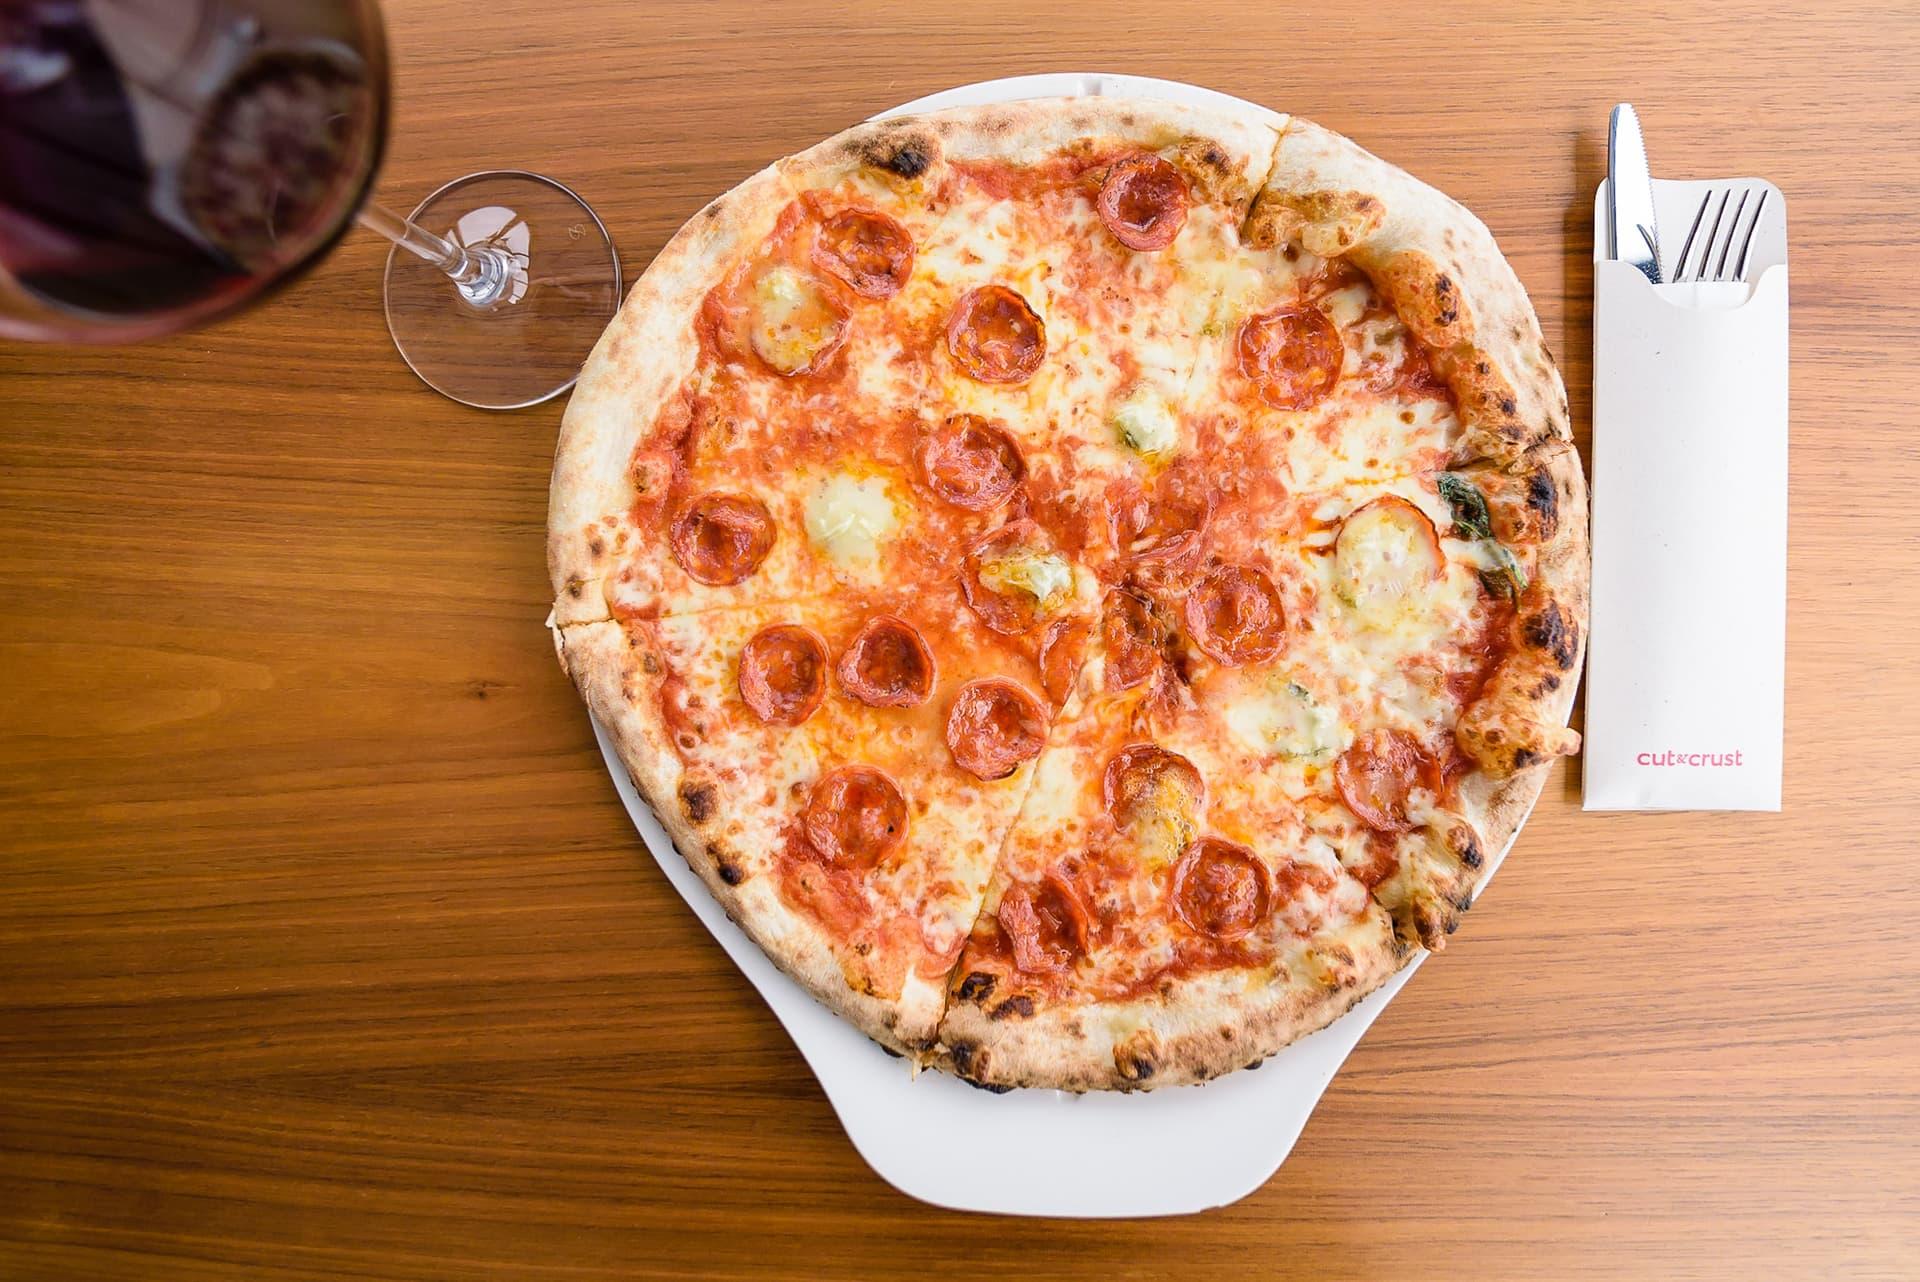 Am testat cele 3 sortimente noi de pizza din meniul de la cut & crust